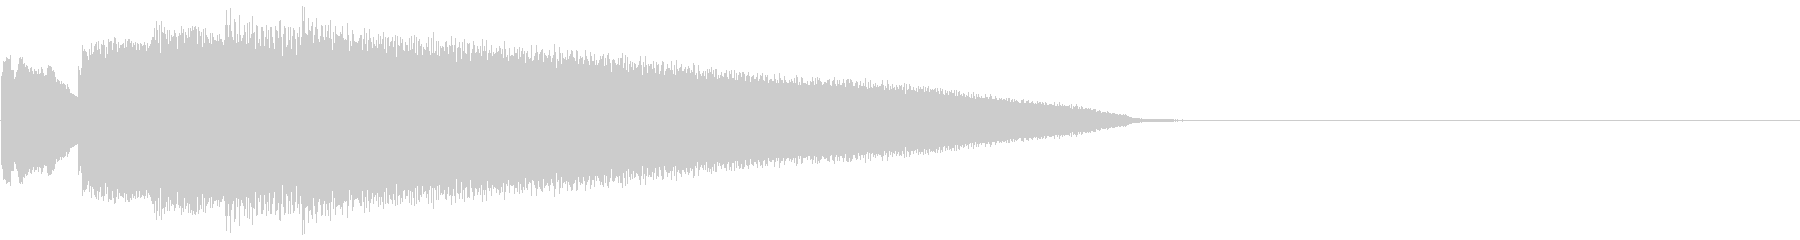 汎用25 フィーリング 不安Bの未再生の波形